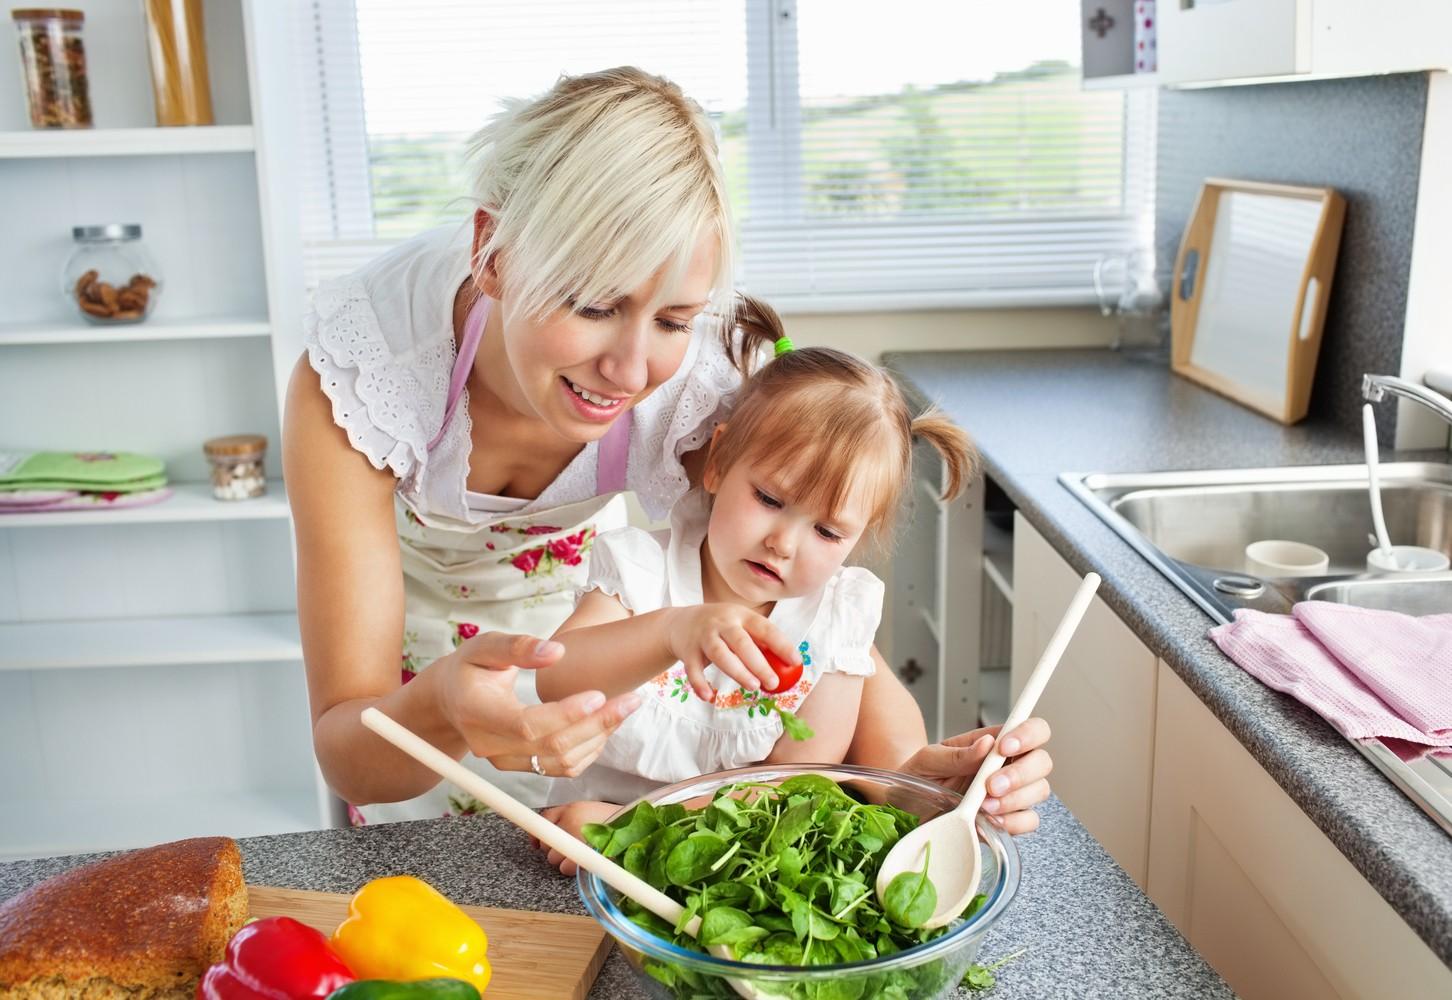 С мамкой на кухне, Мама и сын на кухне - смотреть порно онлайн или скачать 12 фотография